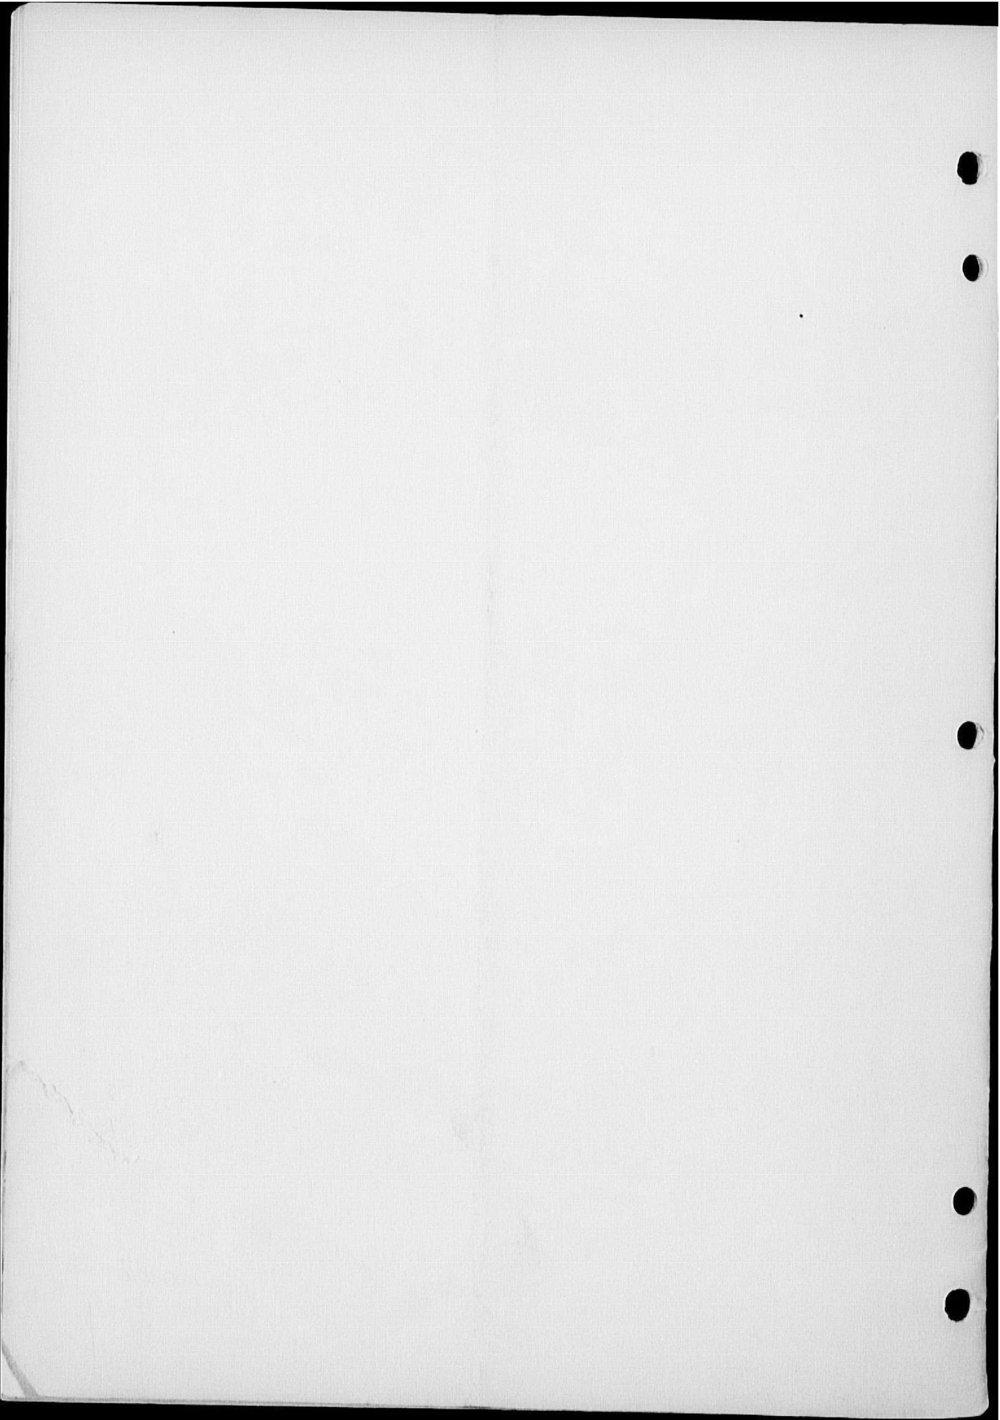 The Kansas Star, volume 50, number 8 - Back